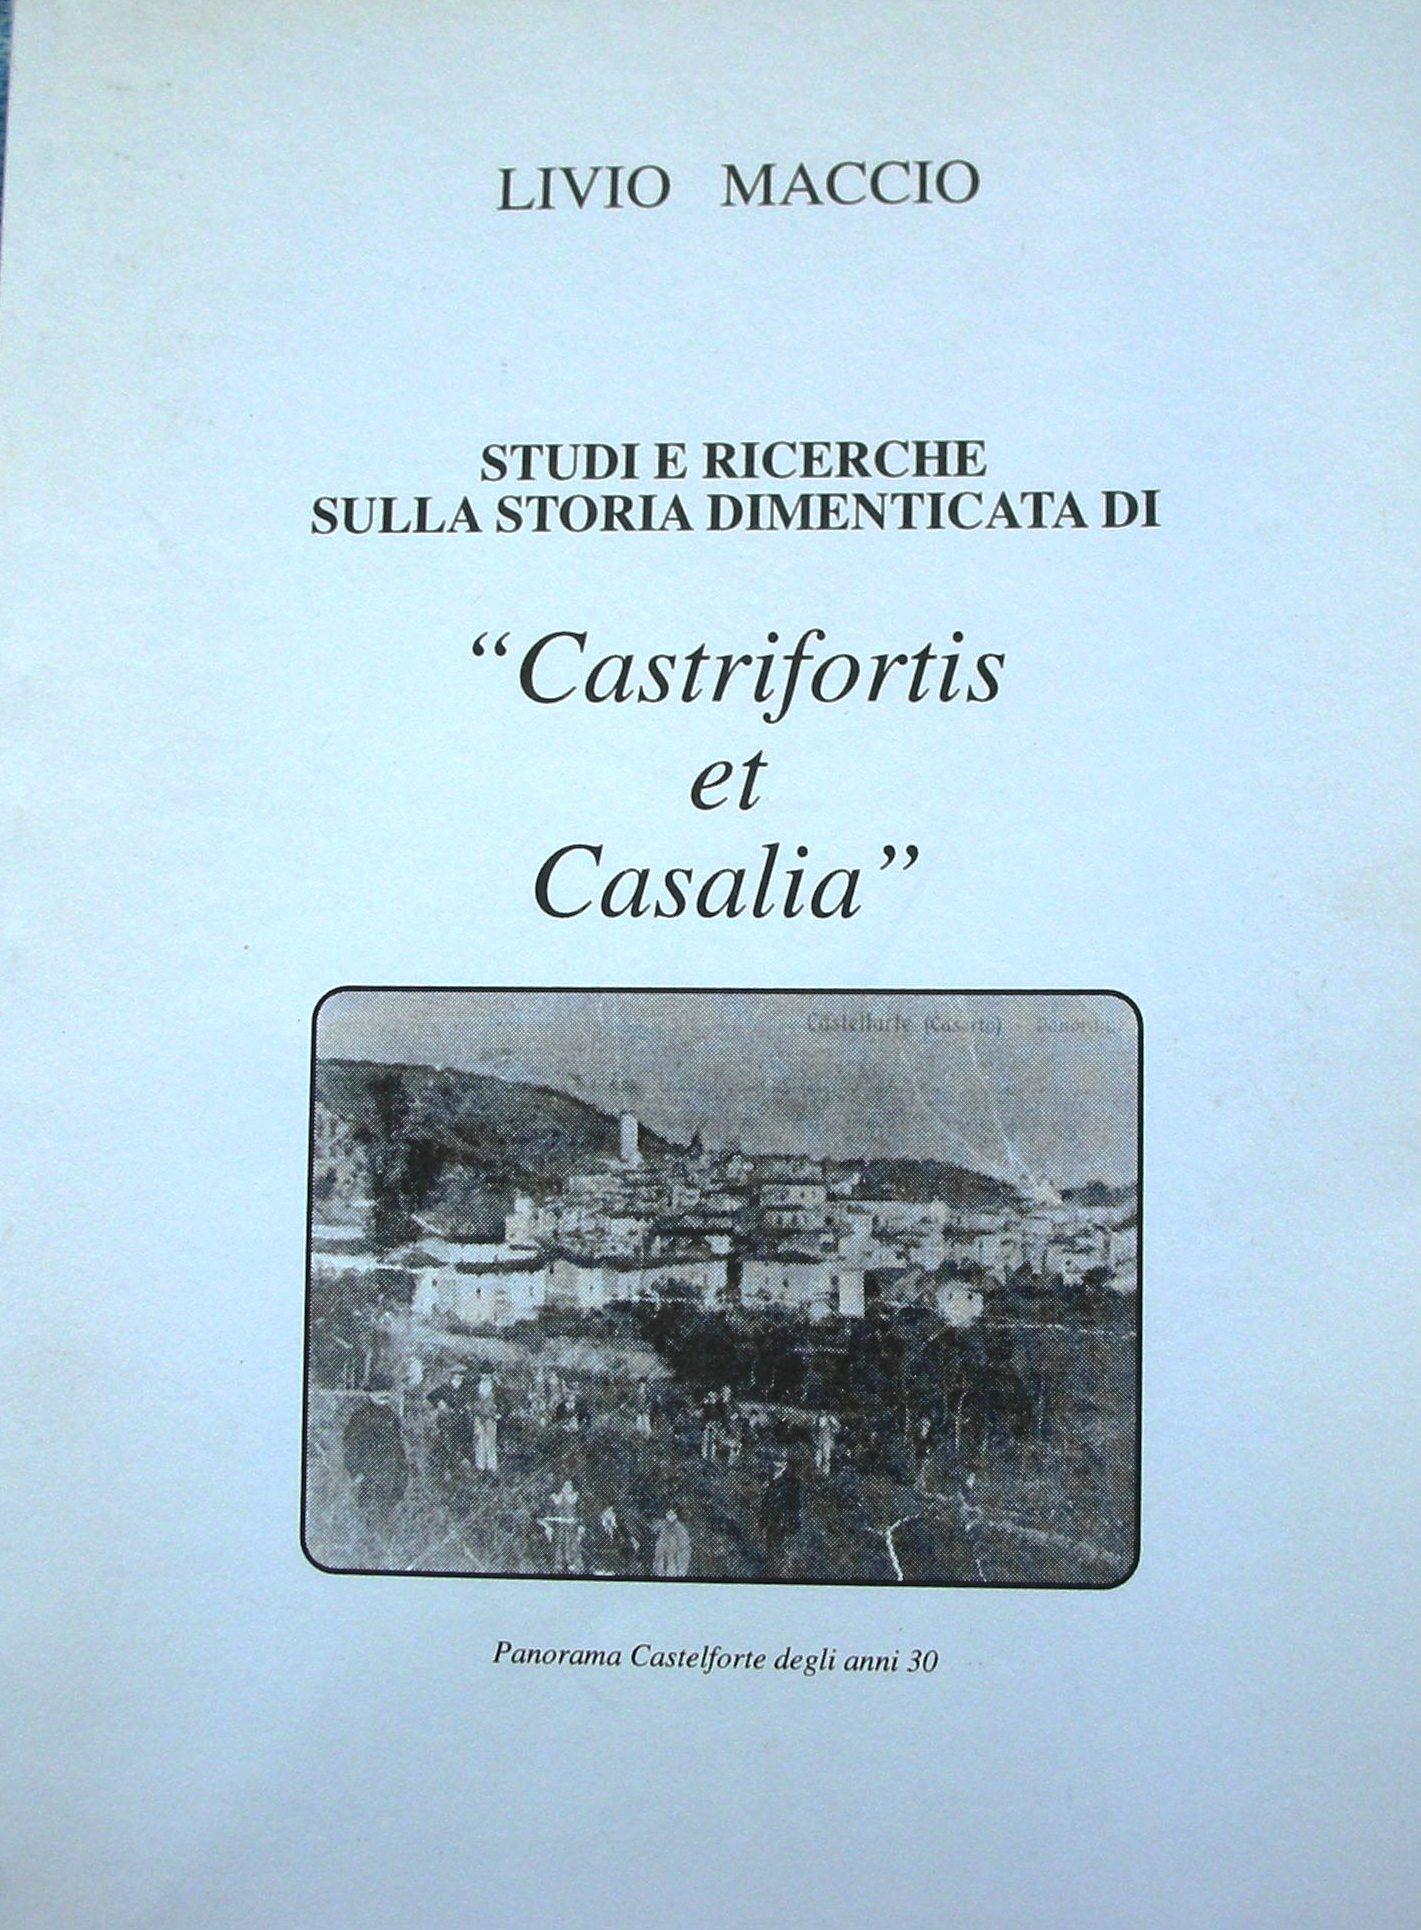 Studi e ricerche sulla storia dimenticata di Castrifortis et Casalia